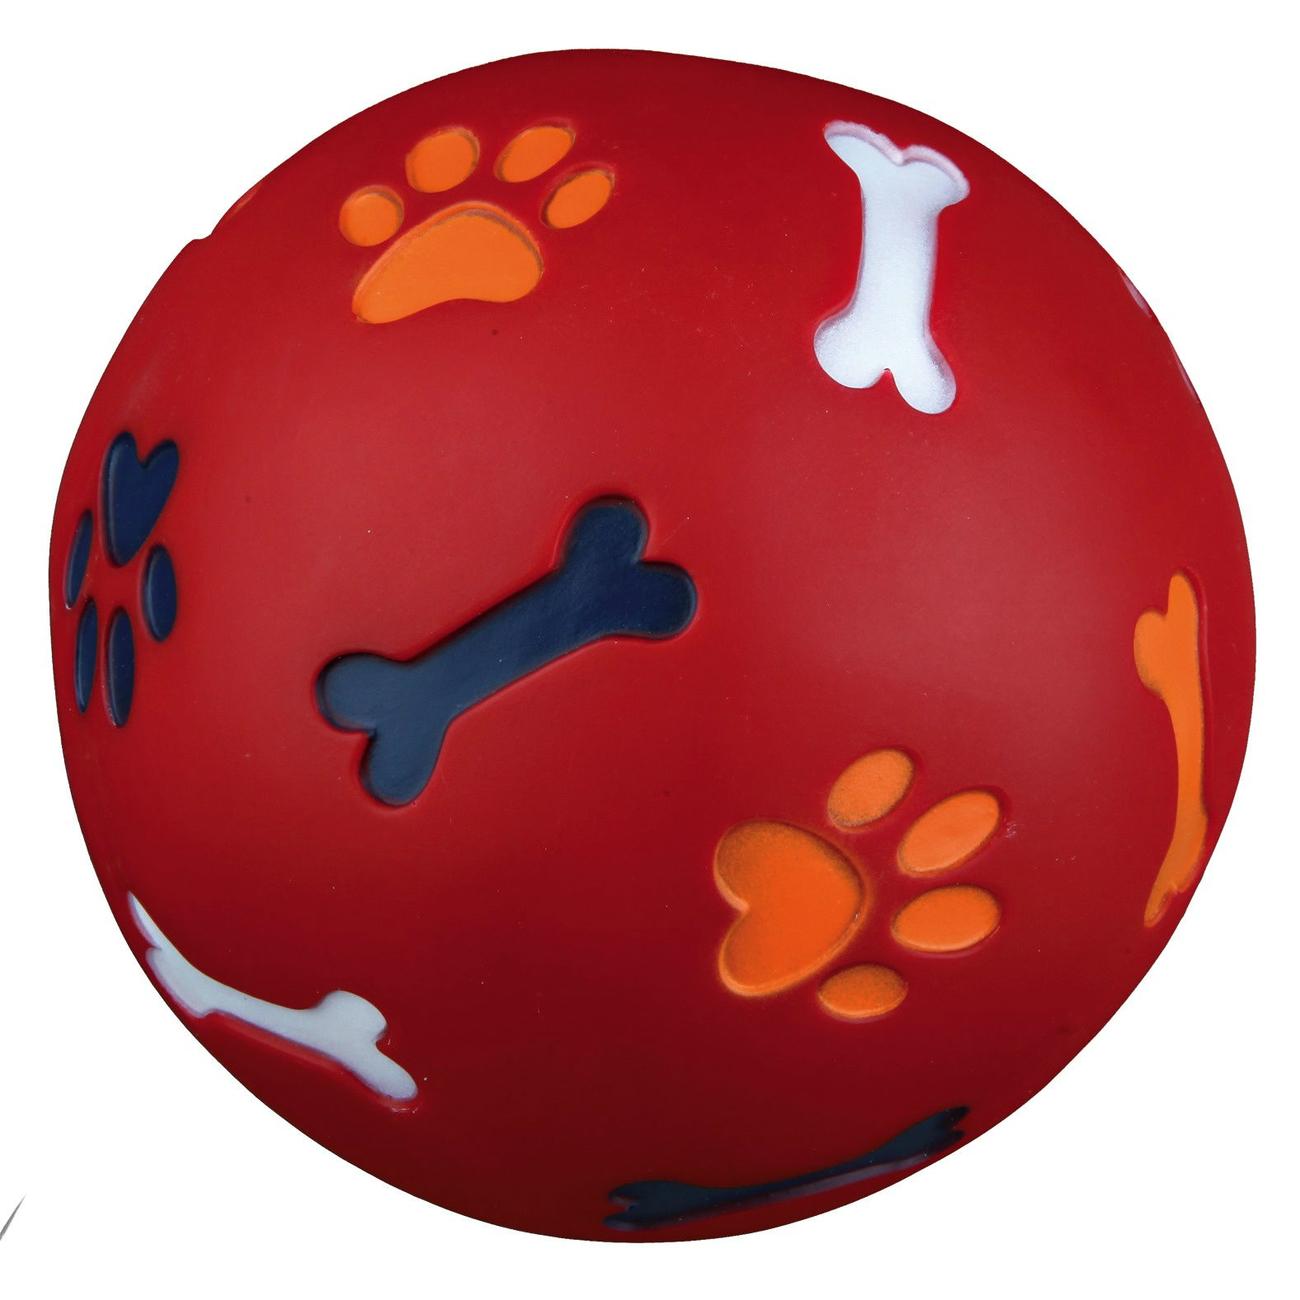 Trixie Snacky Snackball für Hunde 3490, Bild 2